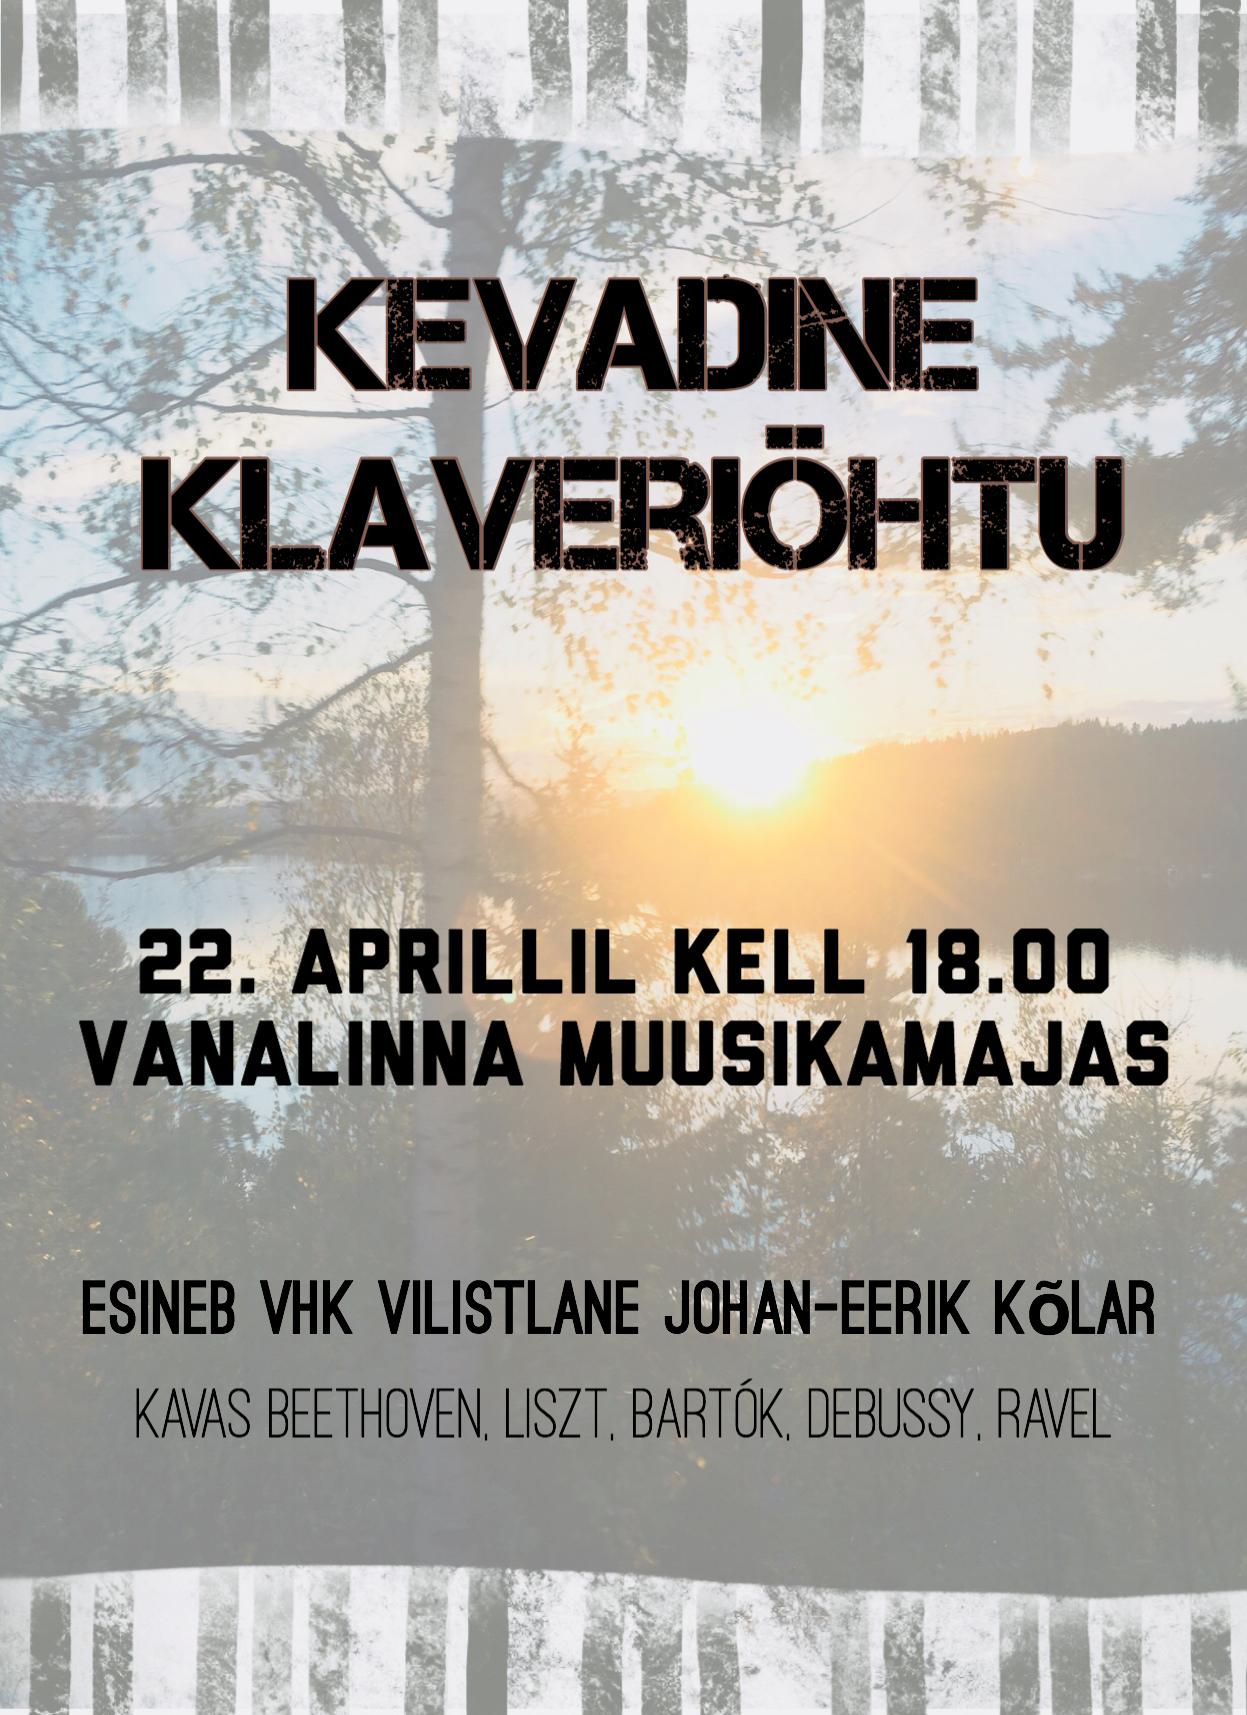 VHK vilistlase Johan-Eerik Kõlari klaveriõhtu 22. aprillil kell 18.00 Vanalinna Muusikamajas